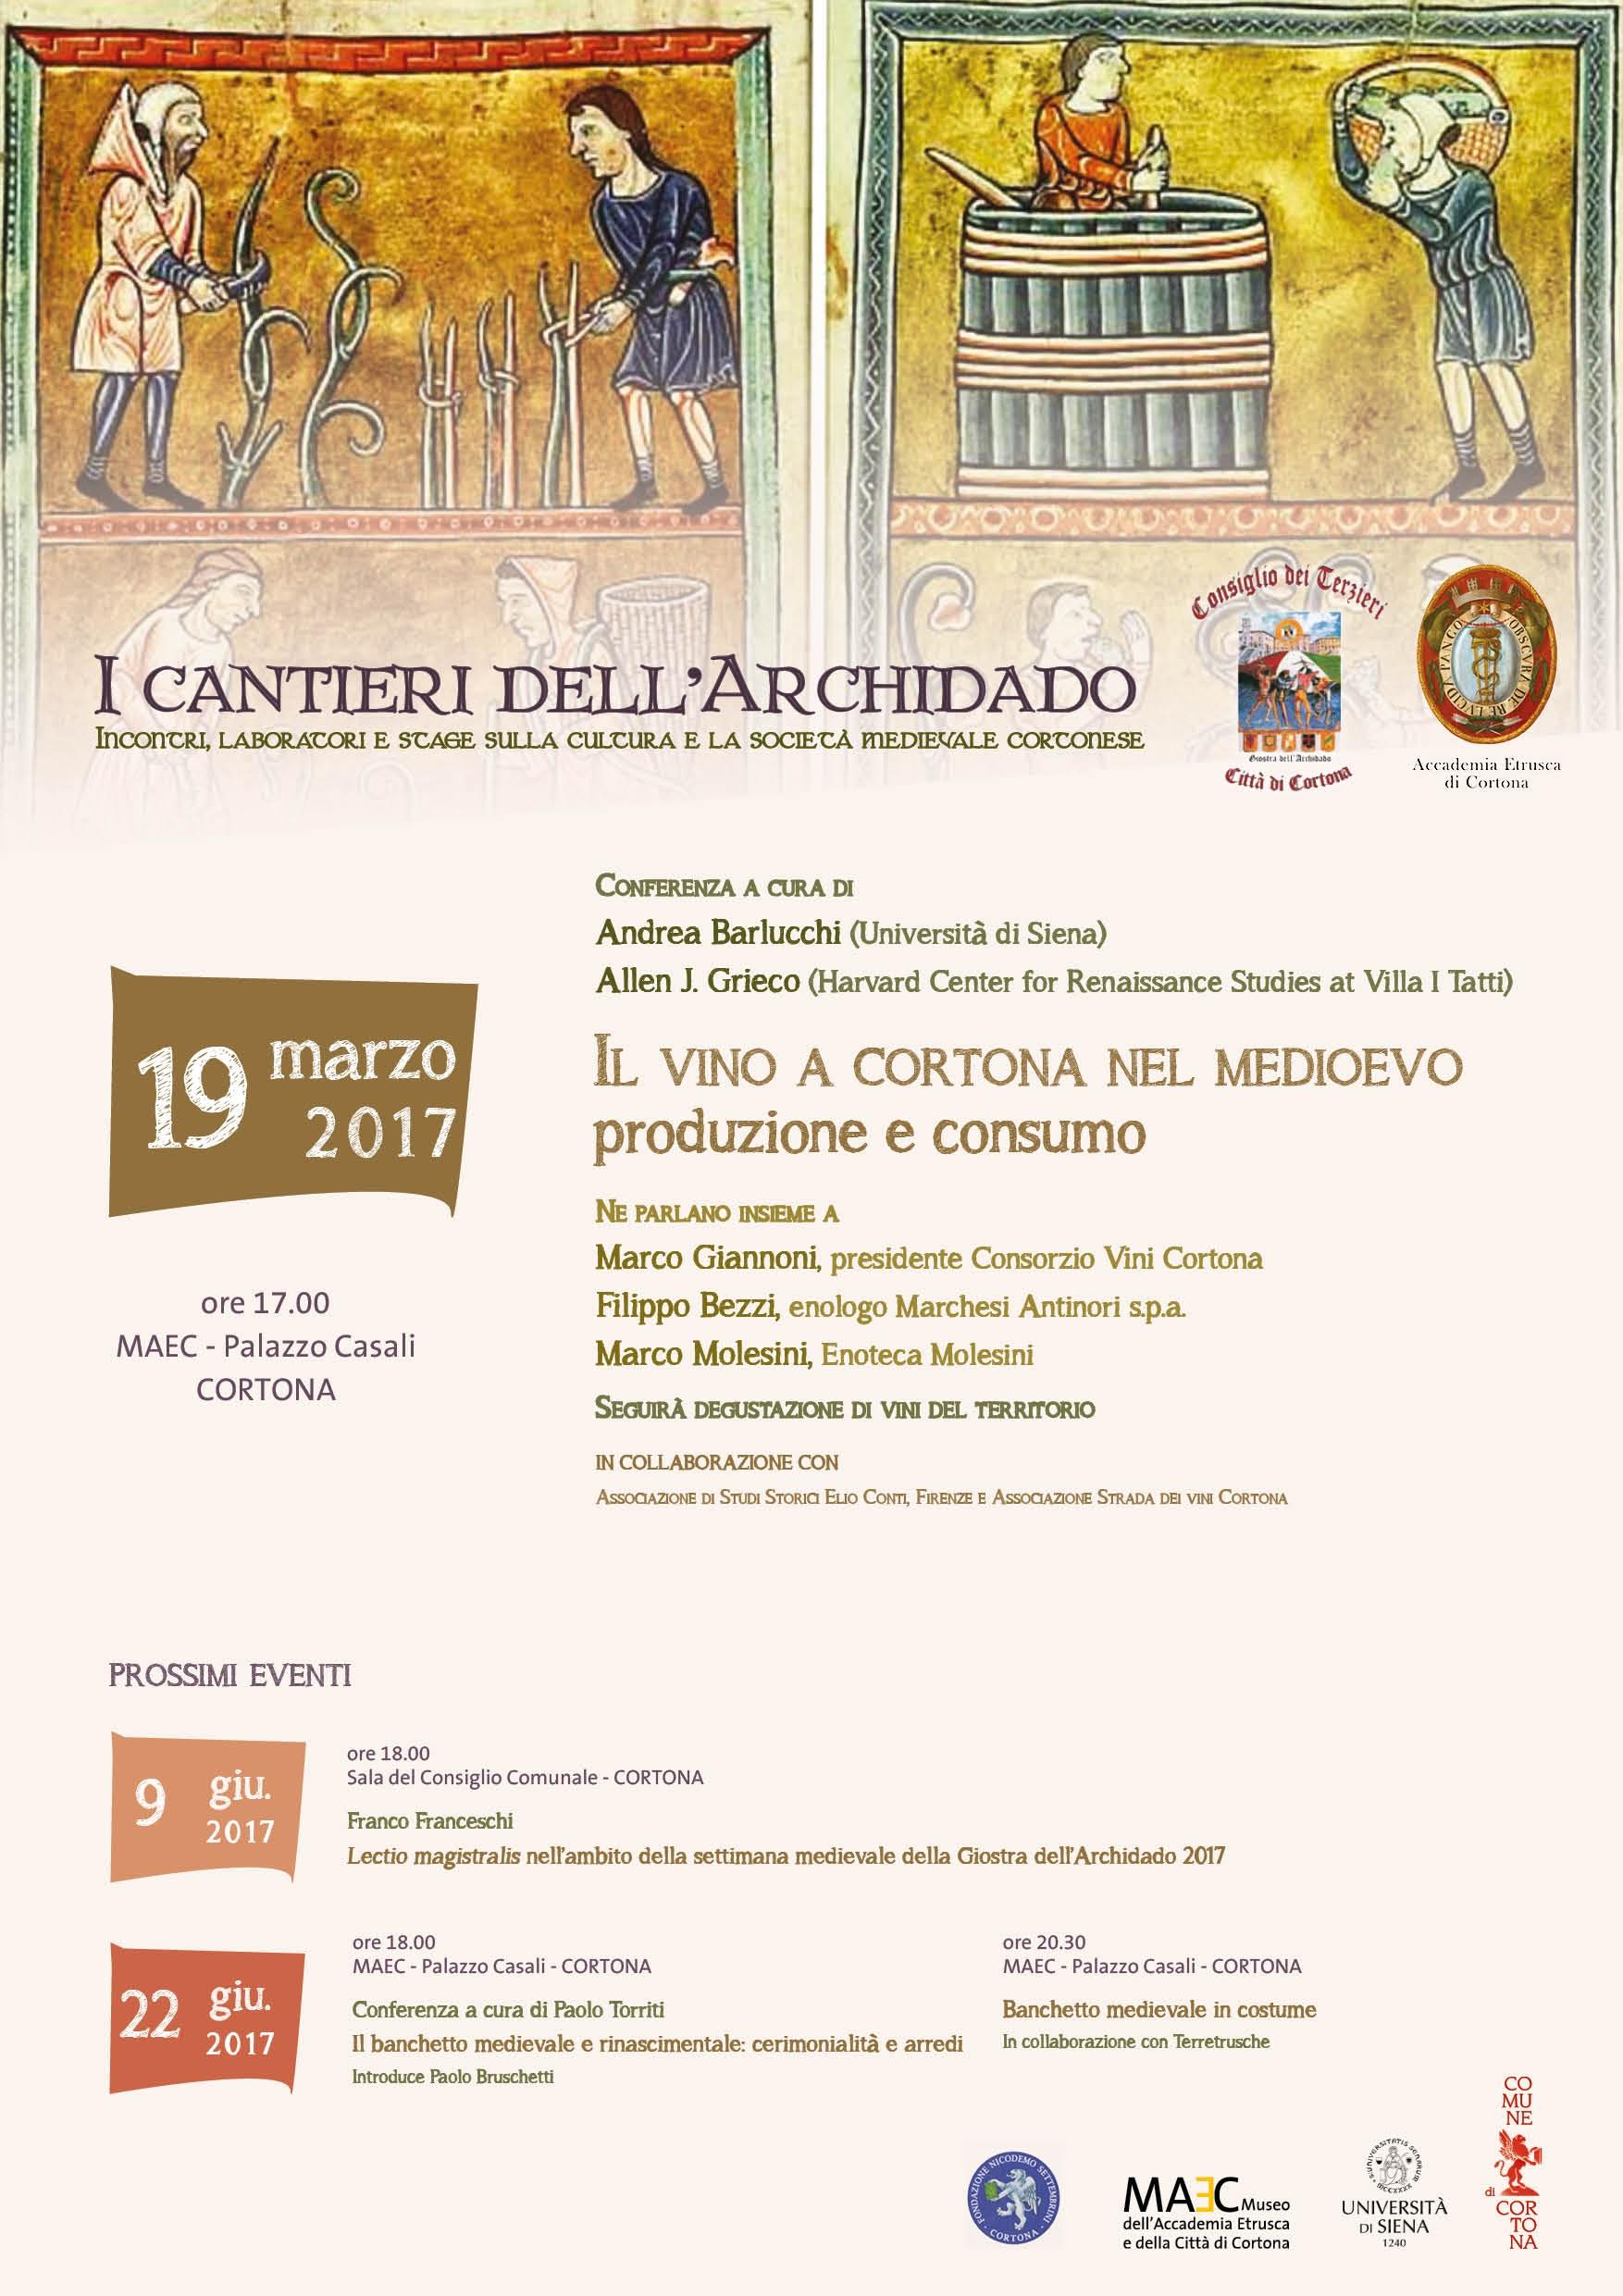 La cultura e la società medievale a Cortona: parte una serie di incontri, laboratori e stage